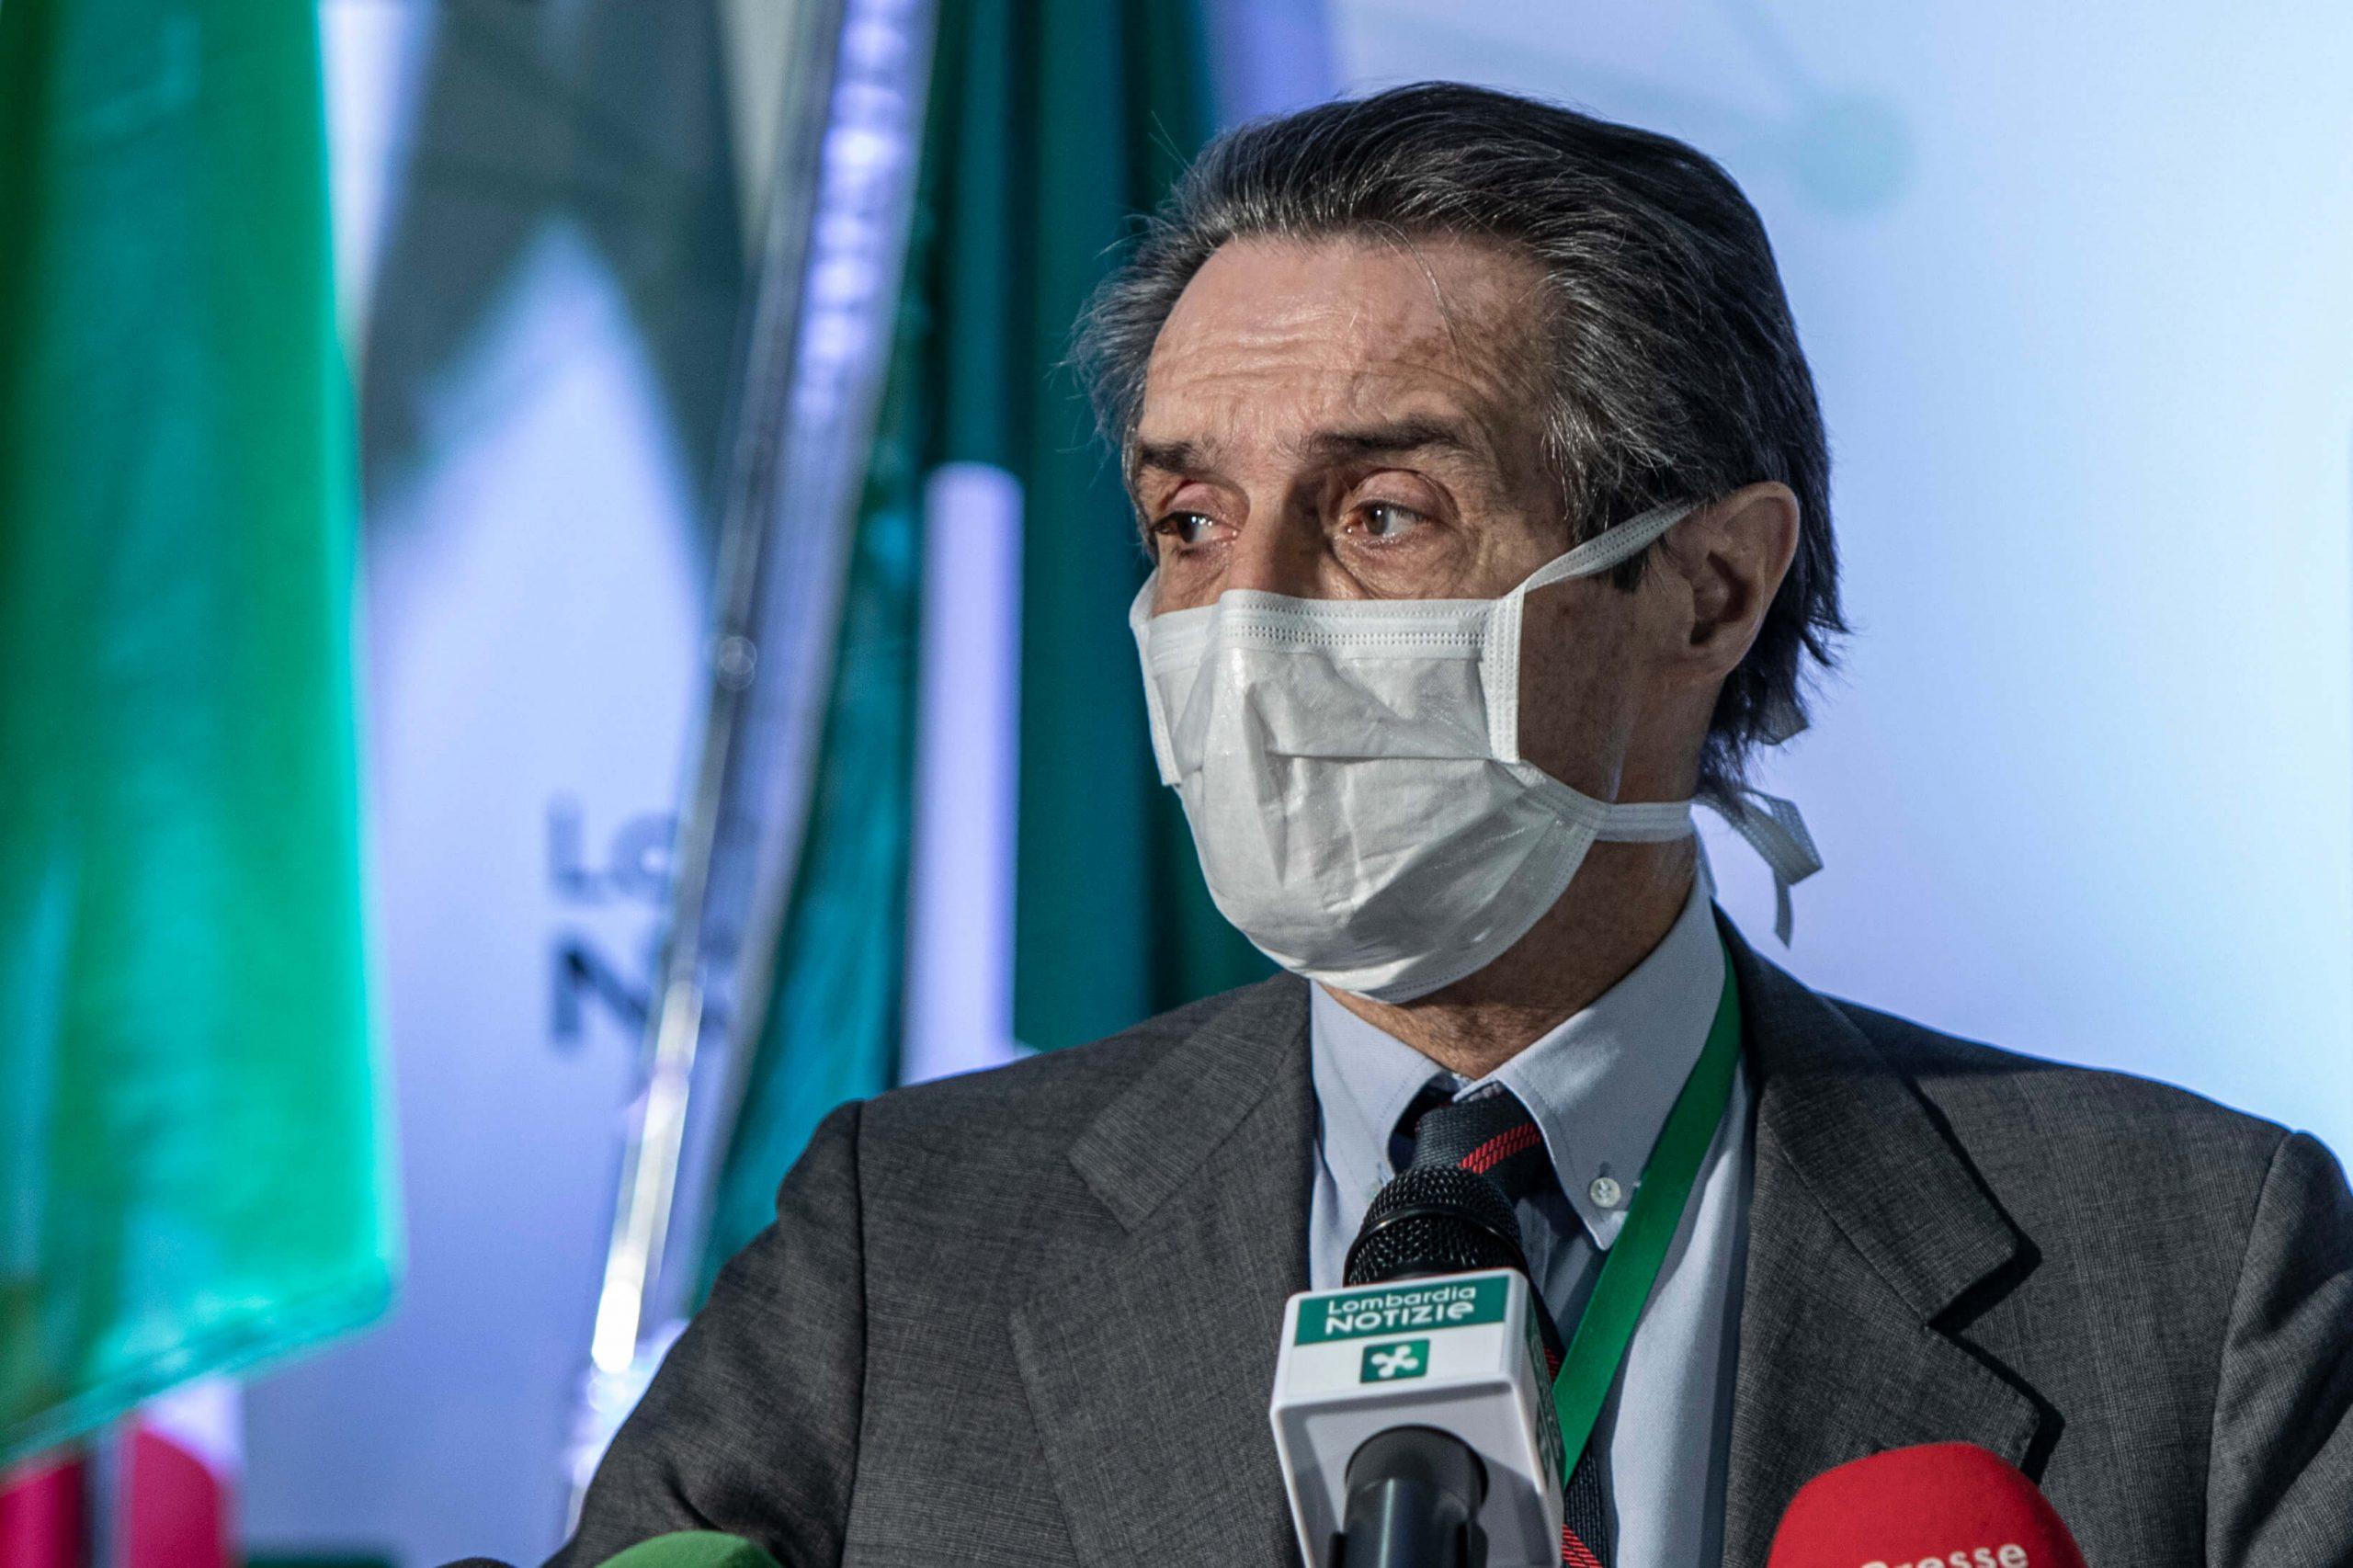 Commissione dei Saggi in Regione Lombardia: una farsa!